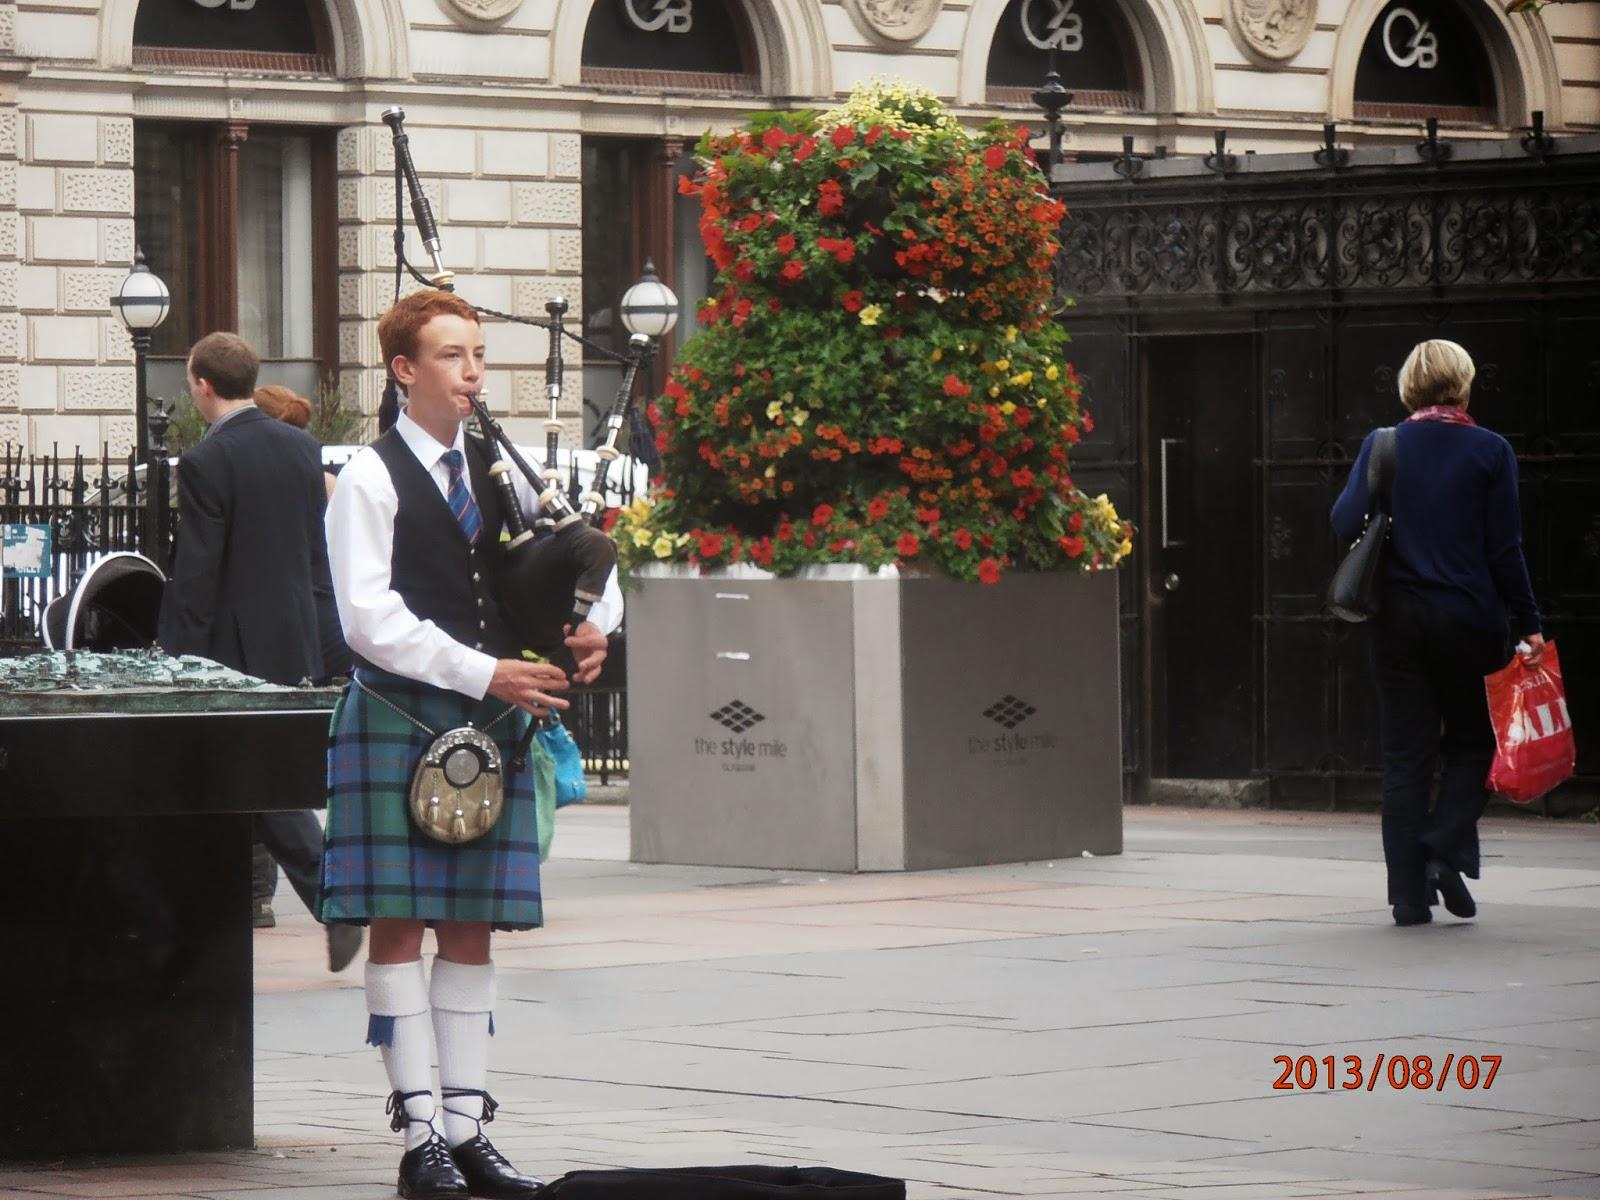 Glasgow-i nyelvjárás és a skót dudás